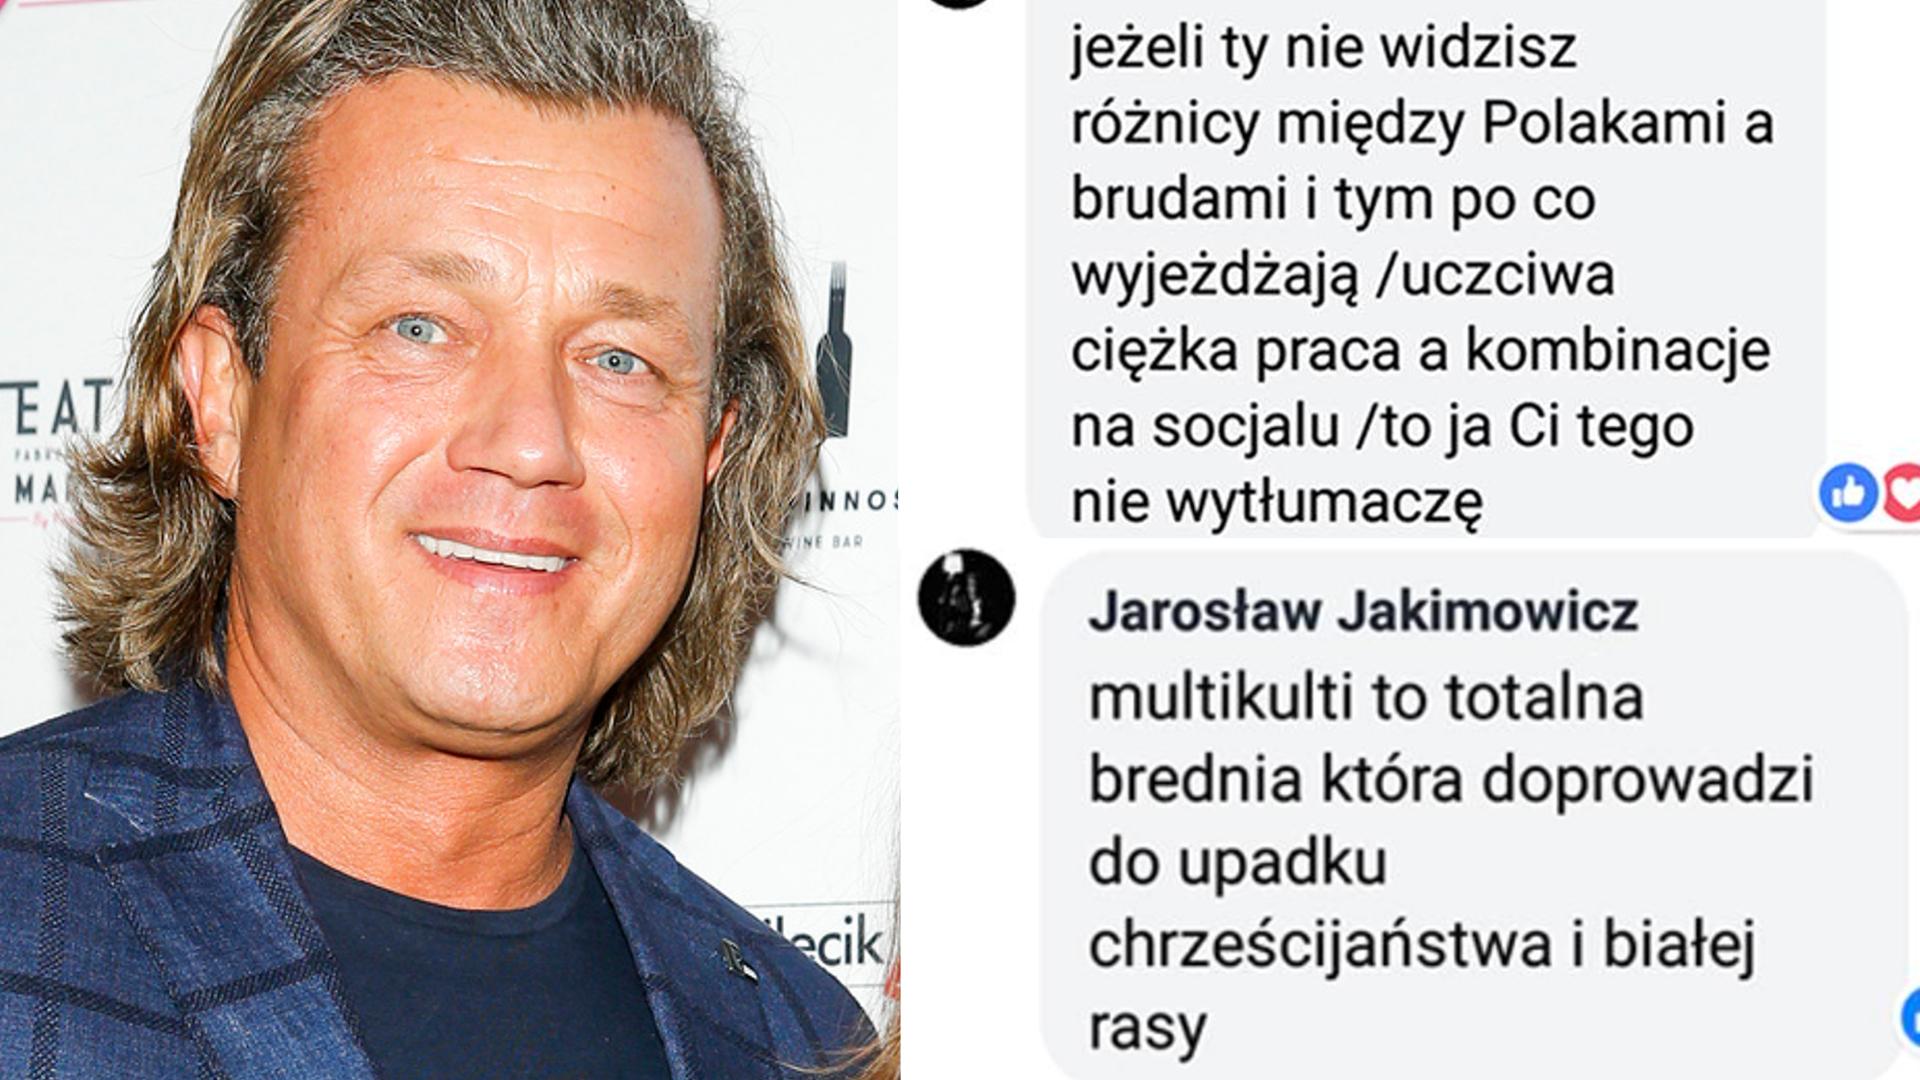 Jakimowicz zamieszczał ksenofobiczne komentarze: Imigranci to brud!